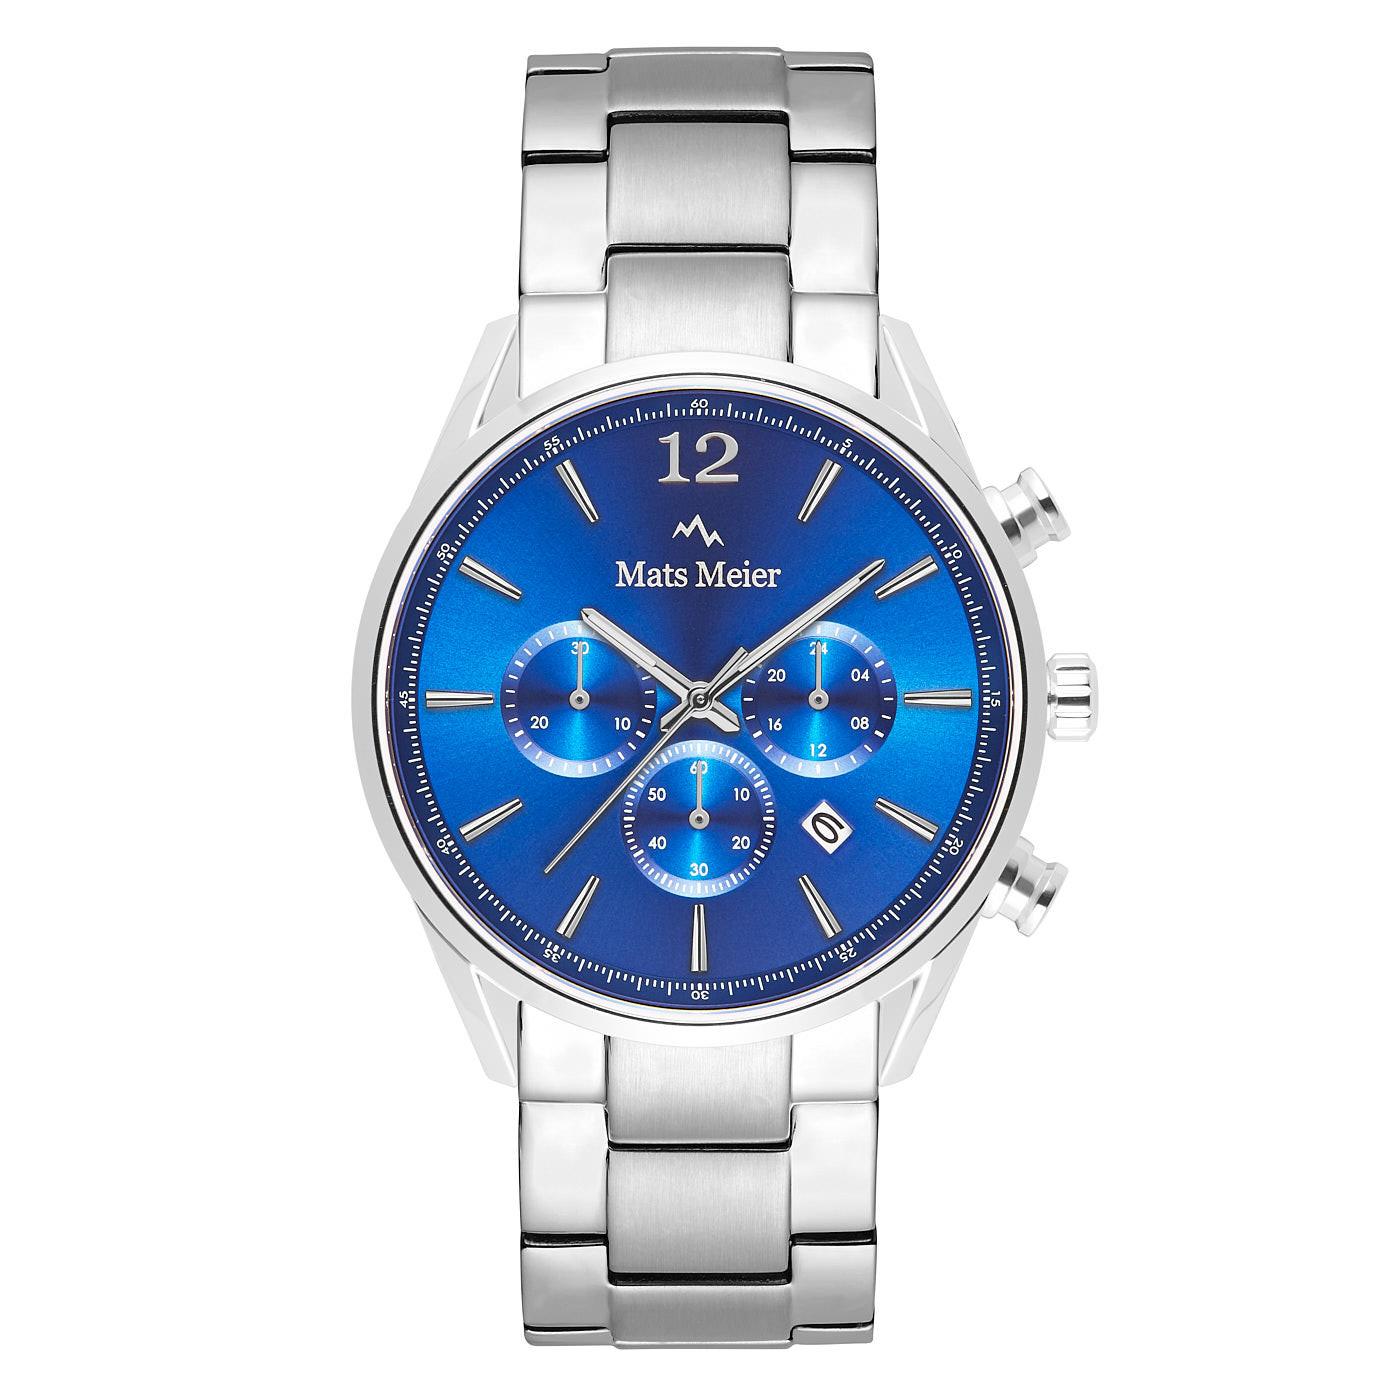 Mats Meier Grand Cornier chronograph watch blue/silver steel